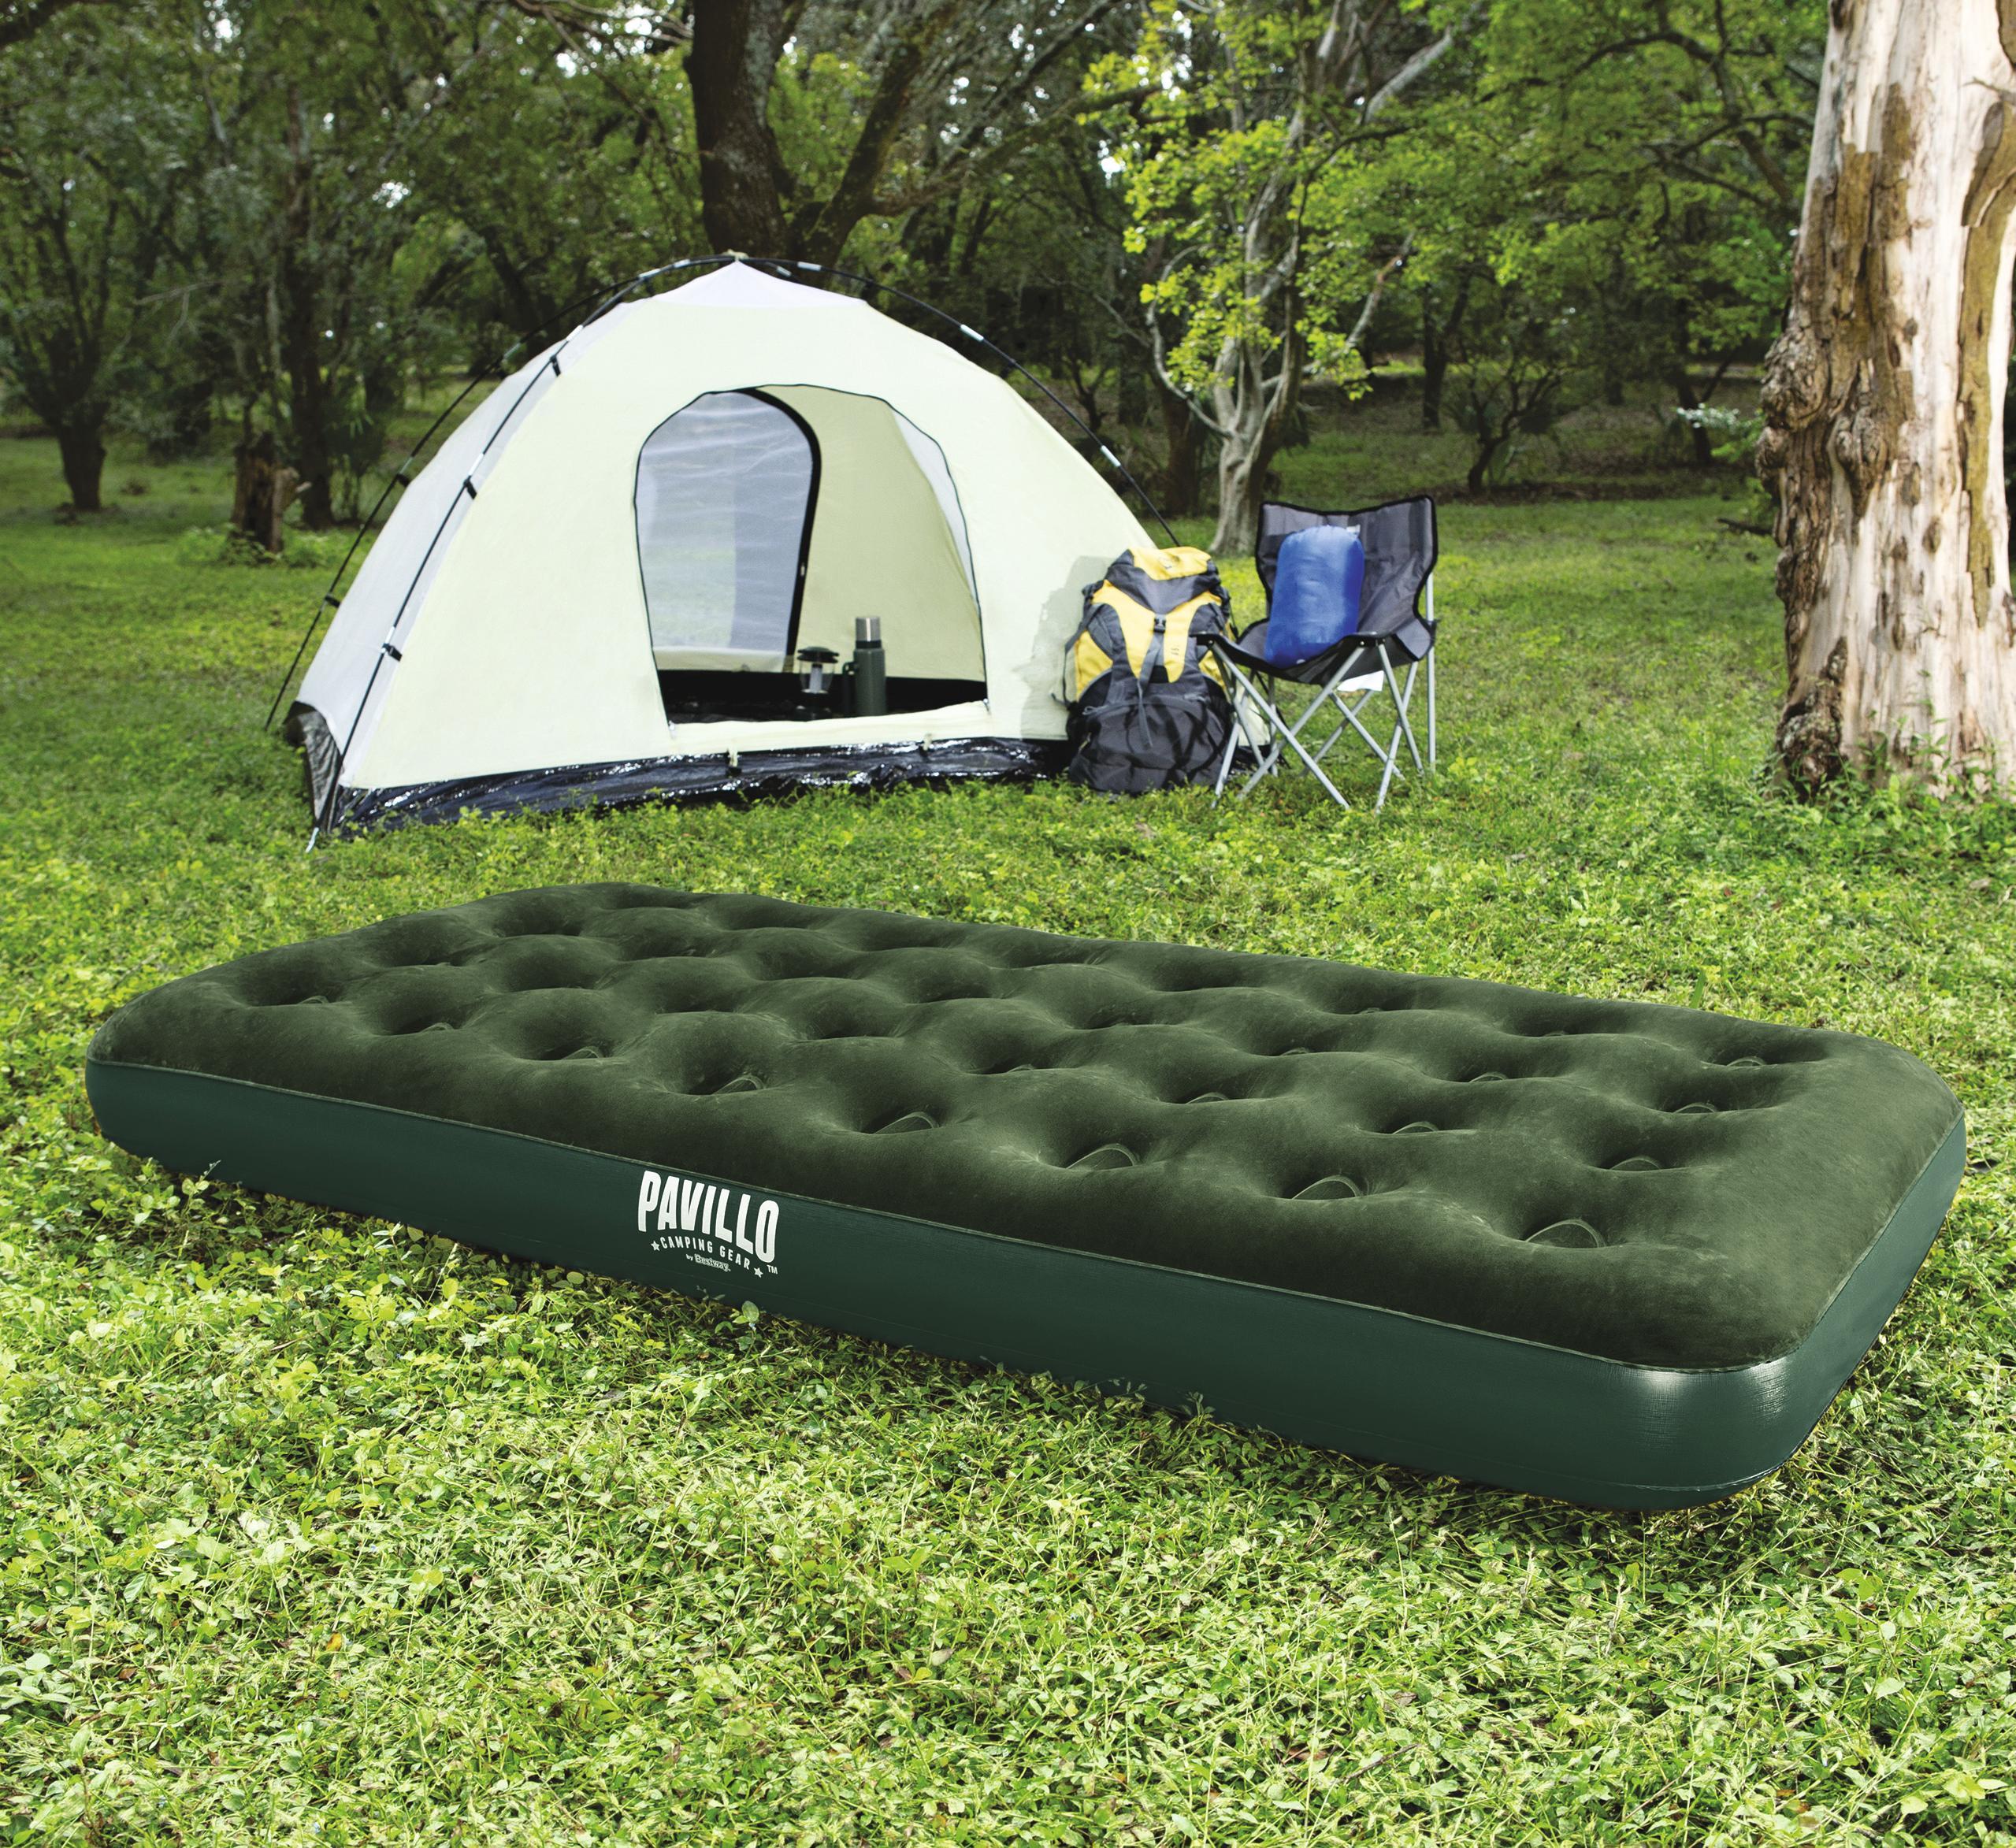 Mattress Inflatable полутораместный флокированный 188 х99х22 Cm, Green, Bestway, Item No. 67447